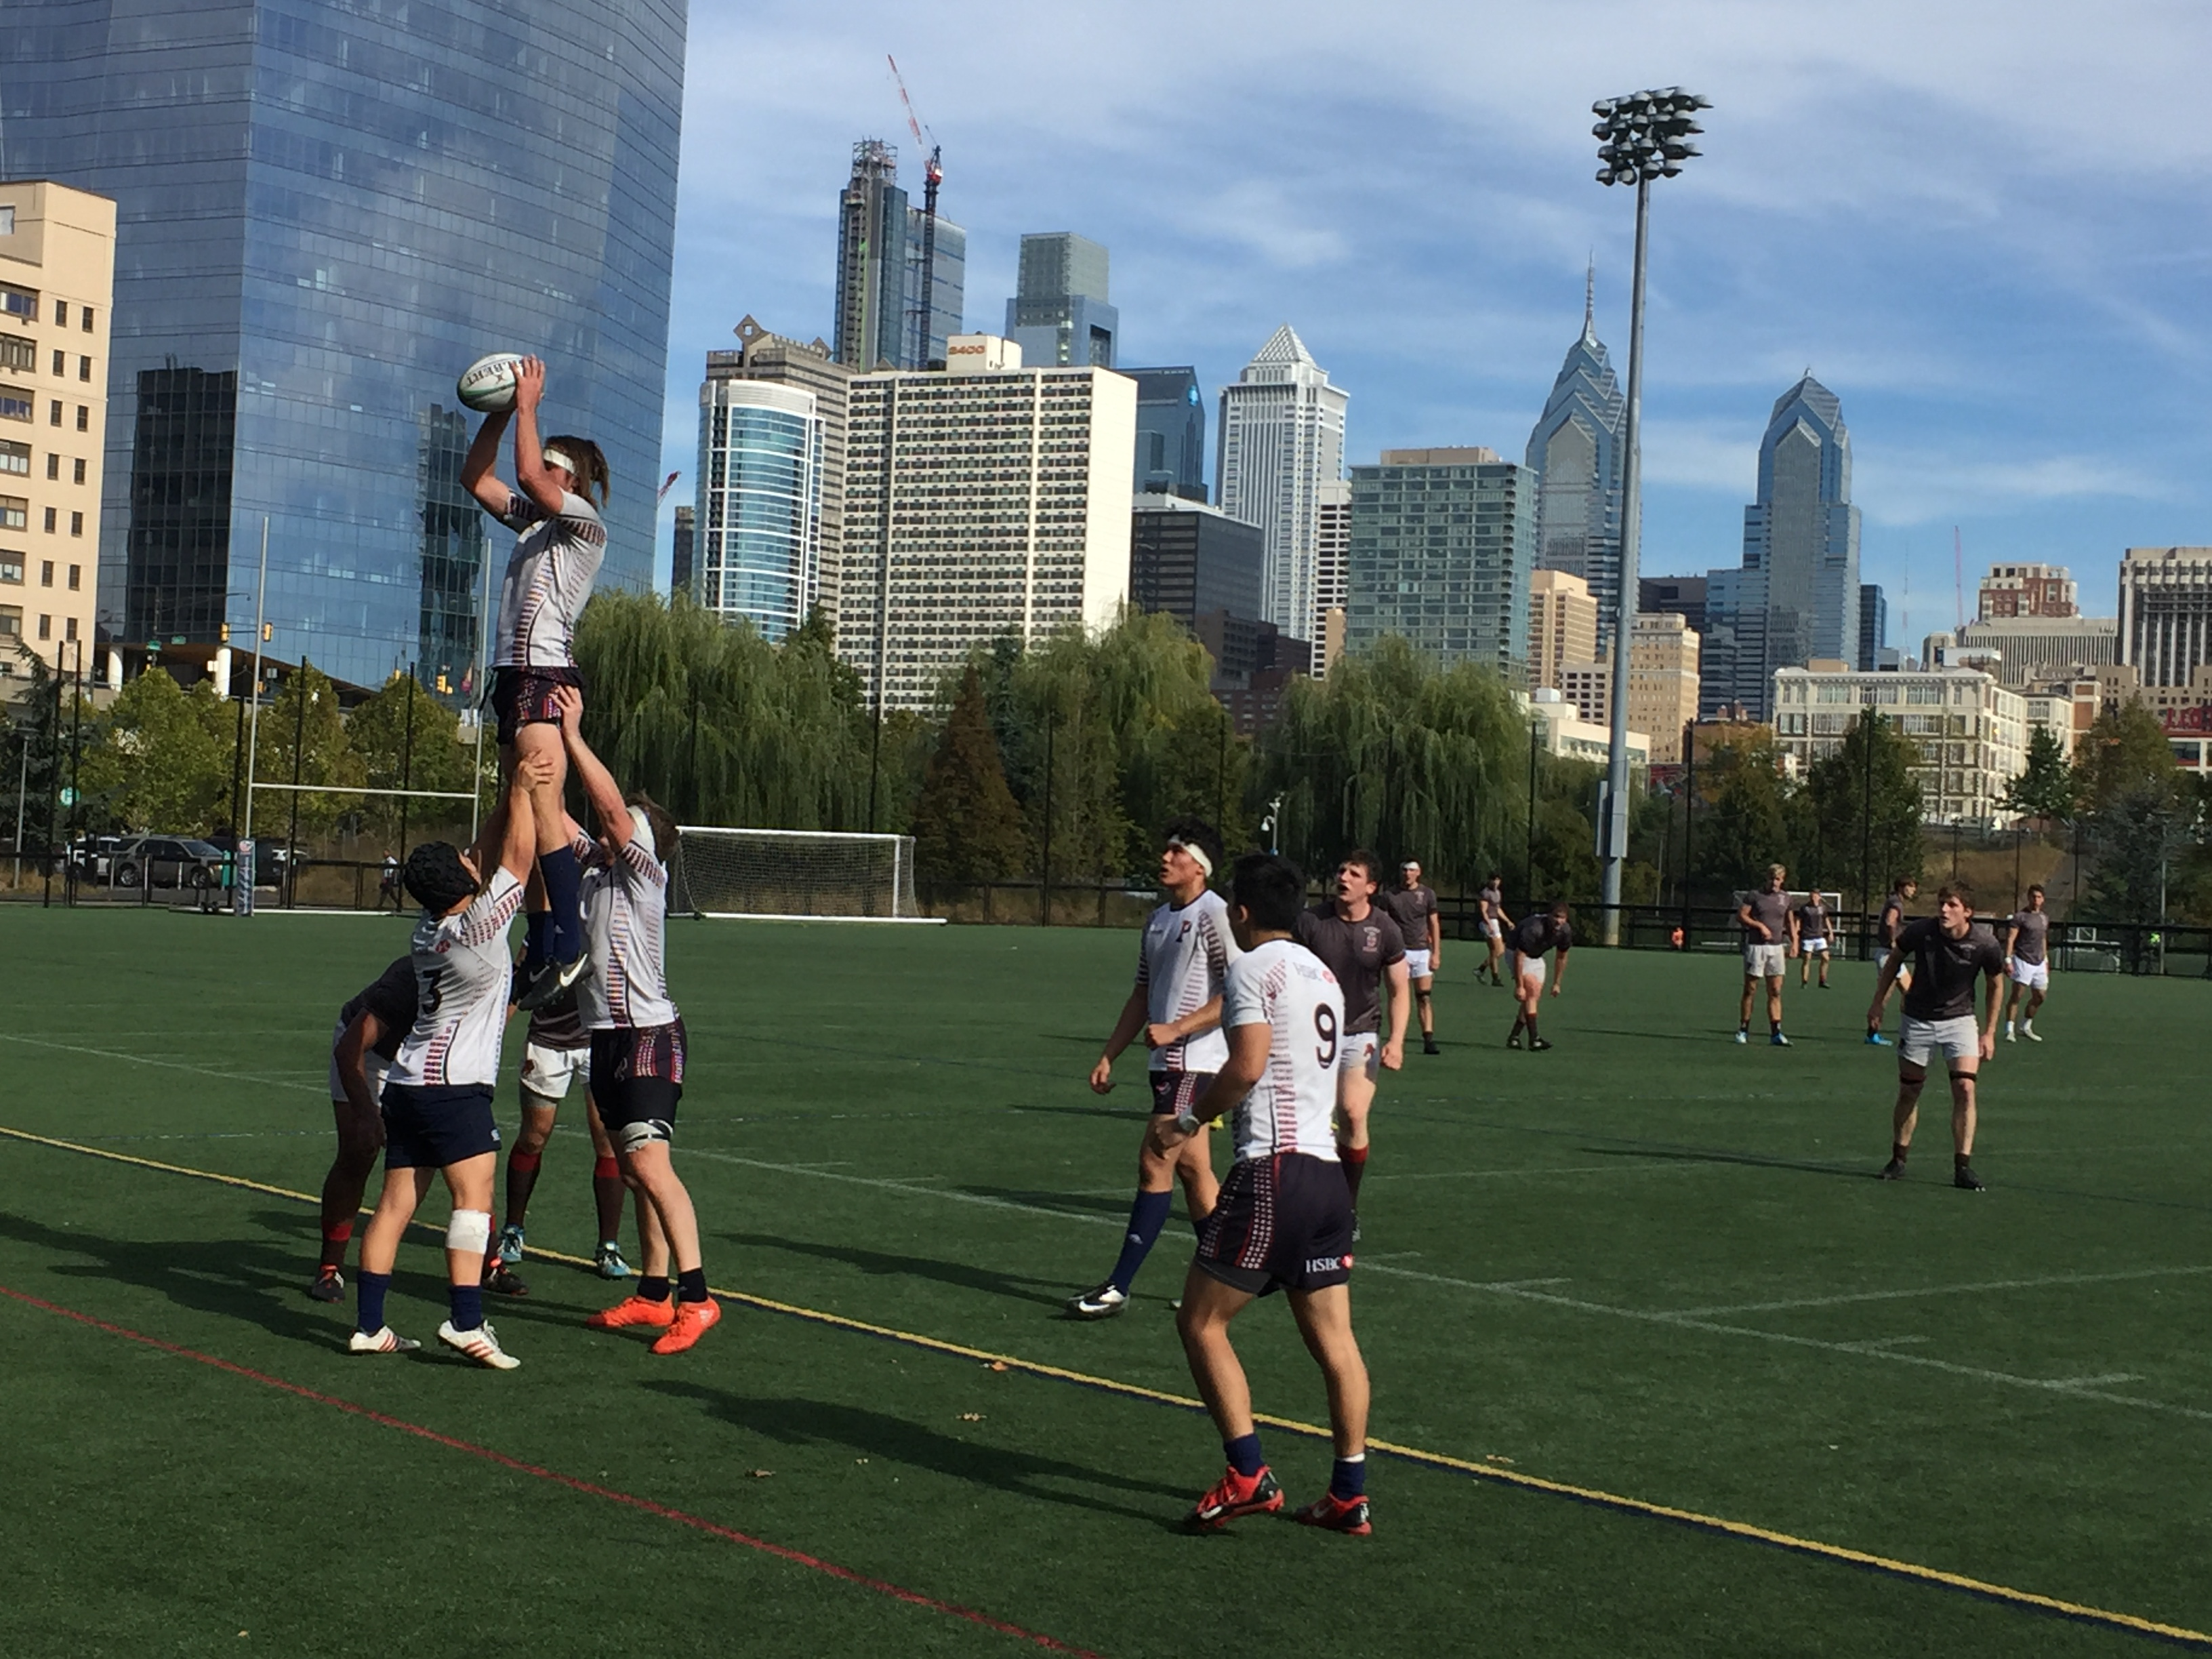 Penn takes lineout vs Brown in Penn Park